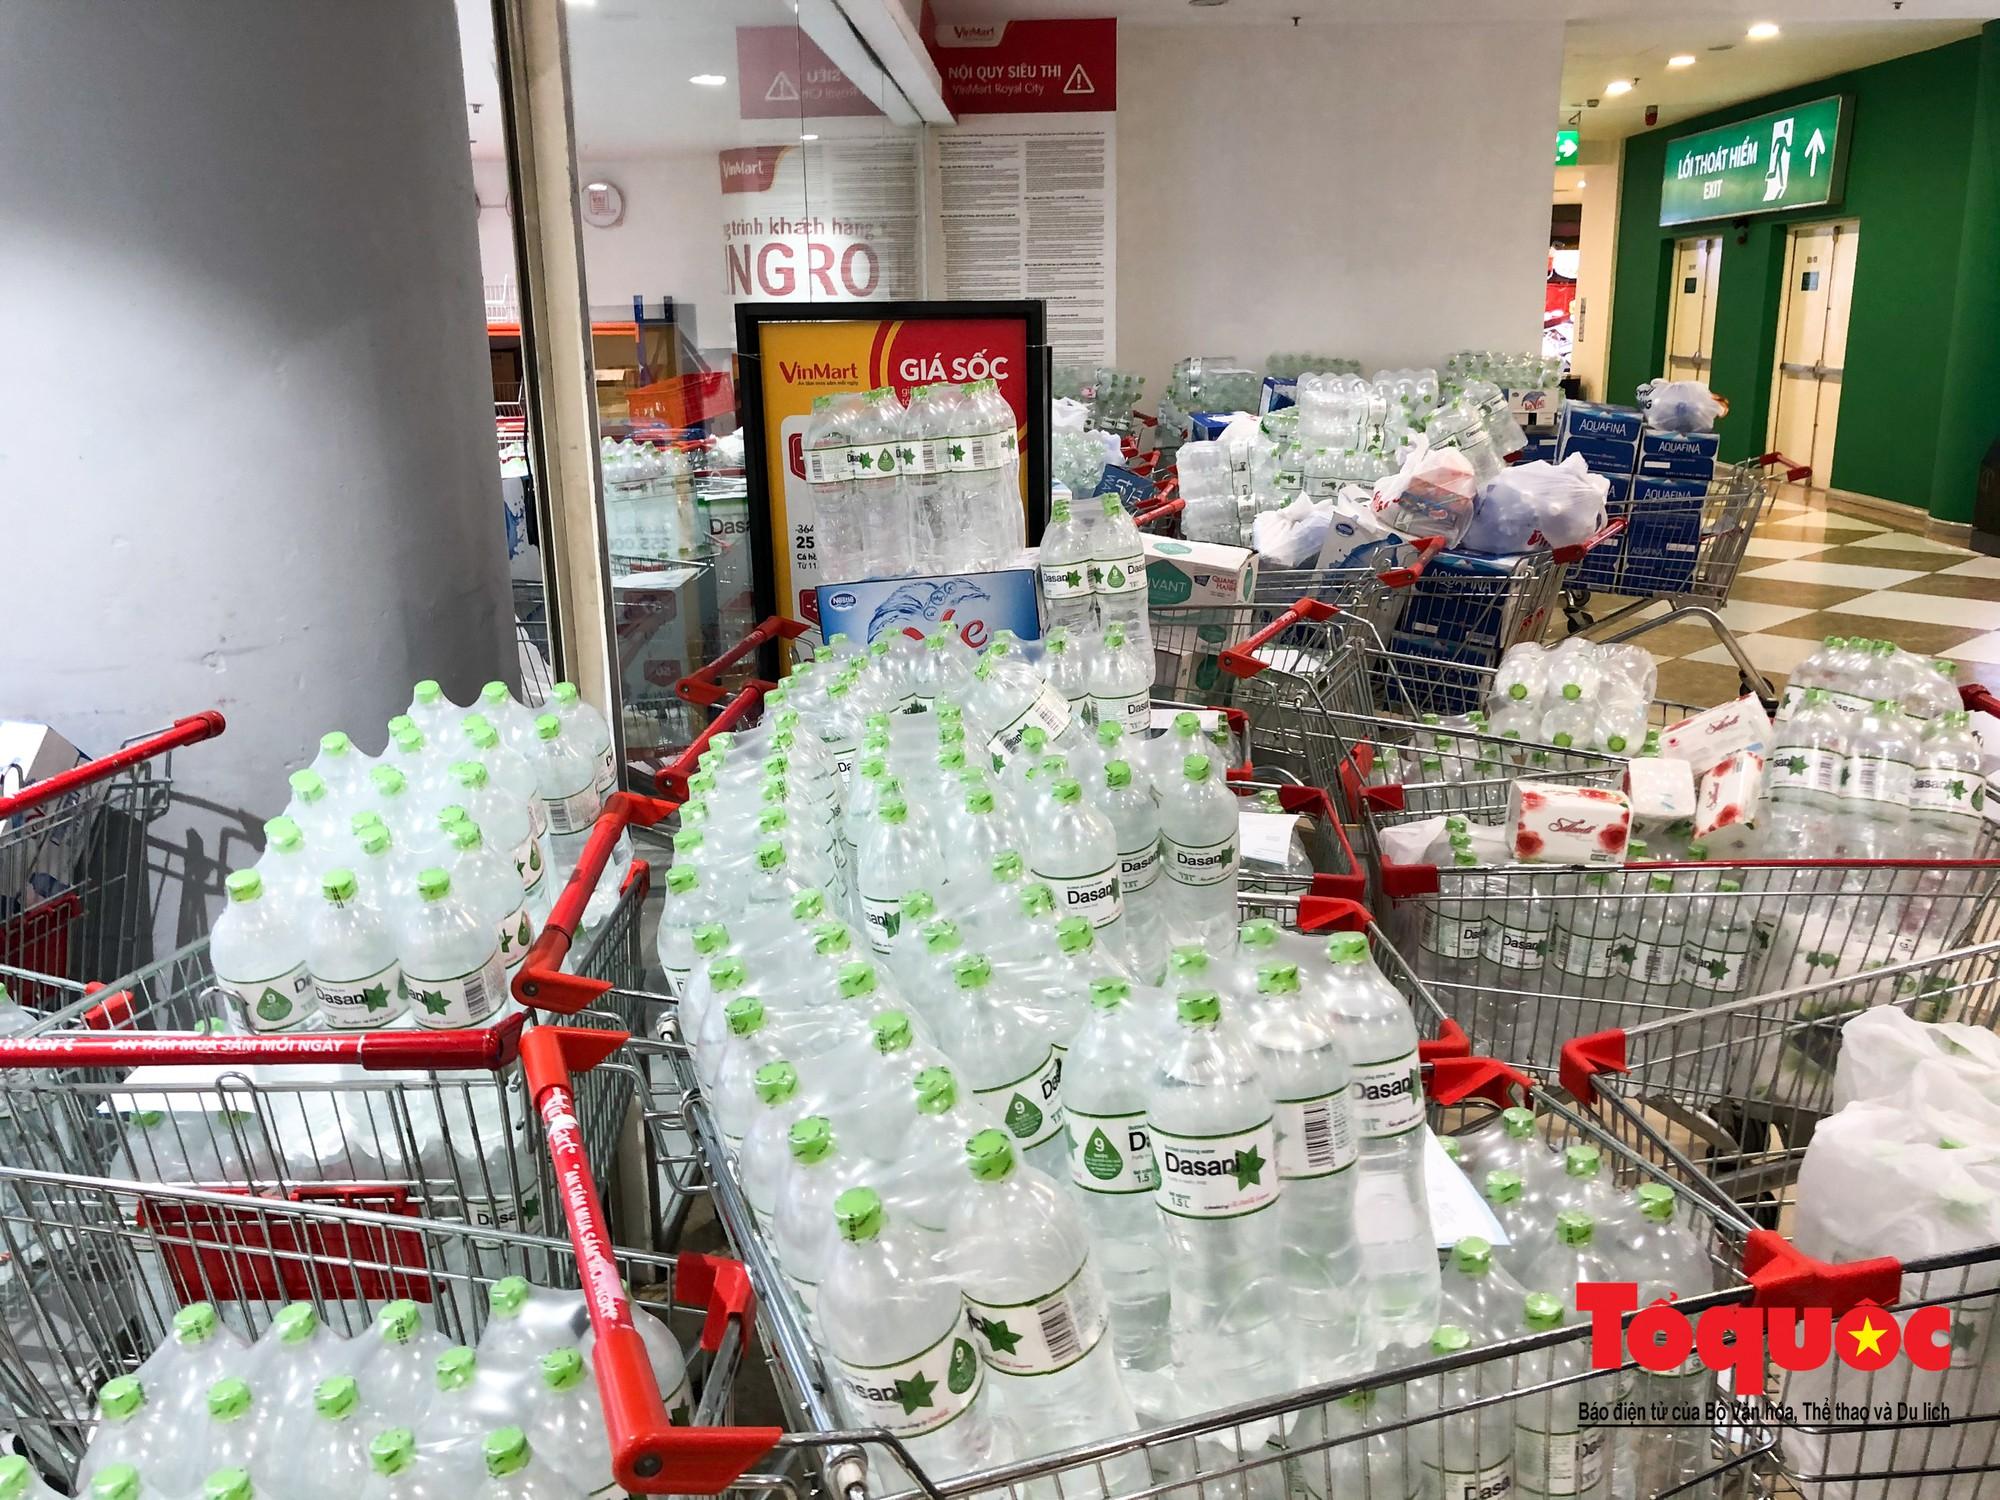 Sợ nước bẩn, người dân đổ xô đến các siêu thi mua nước đóng chai24